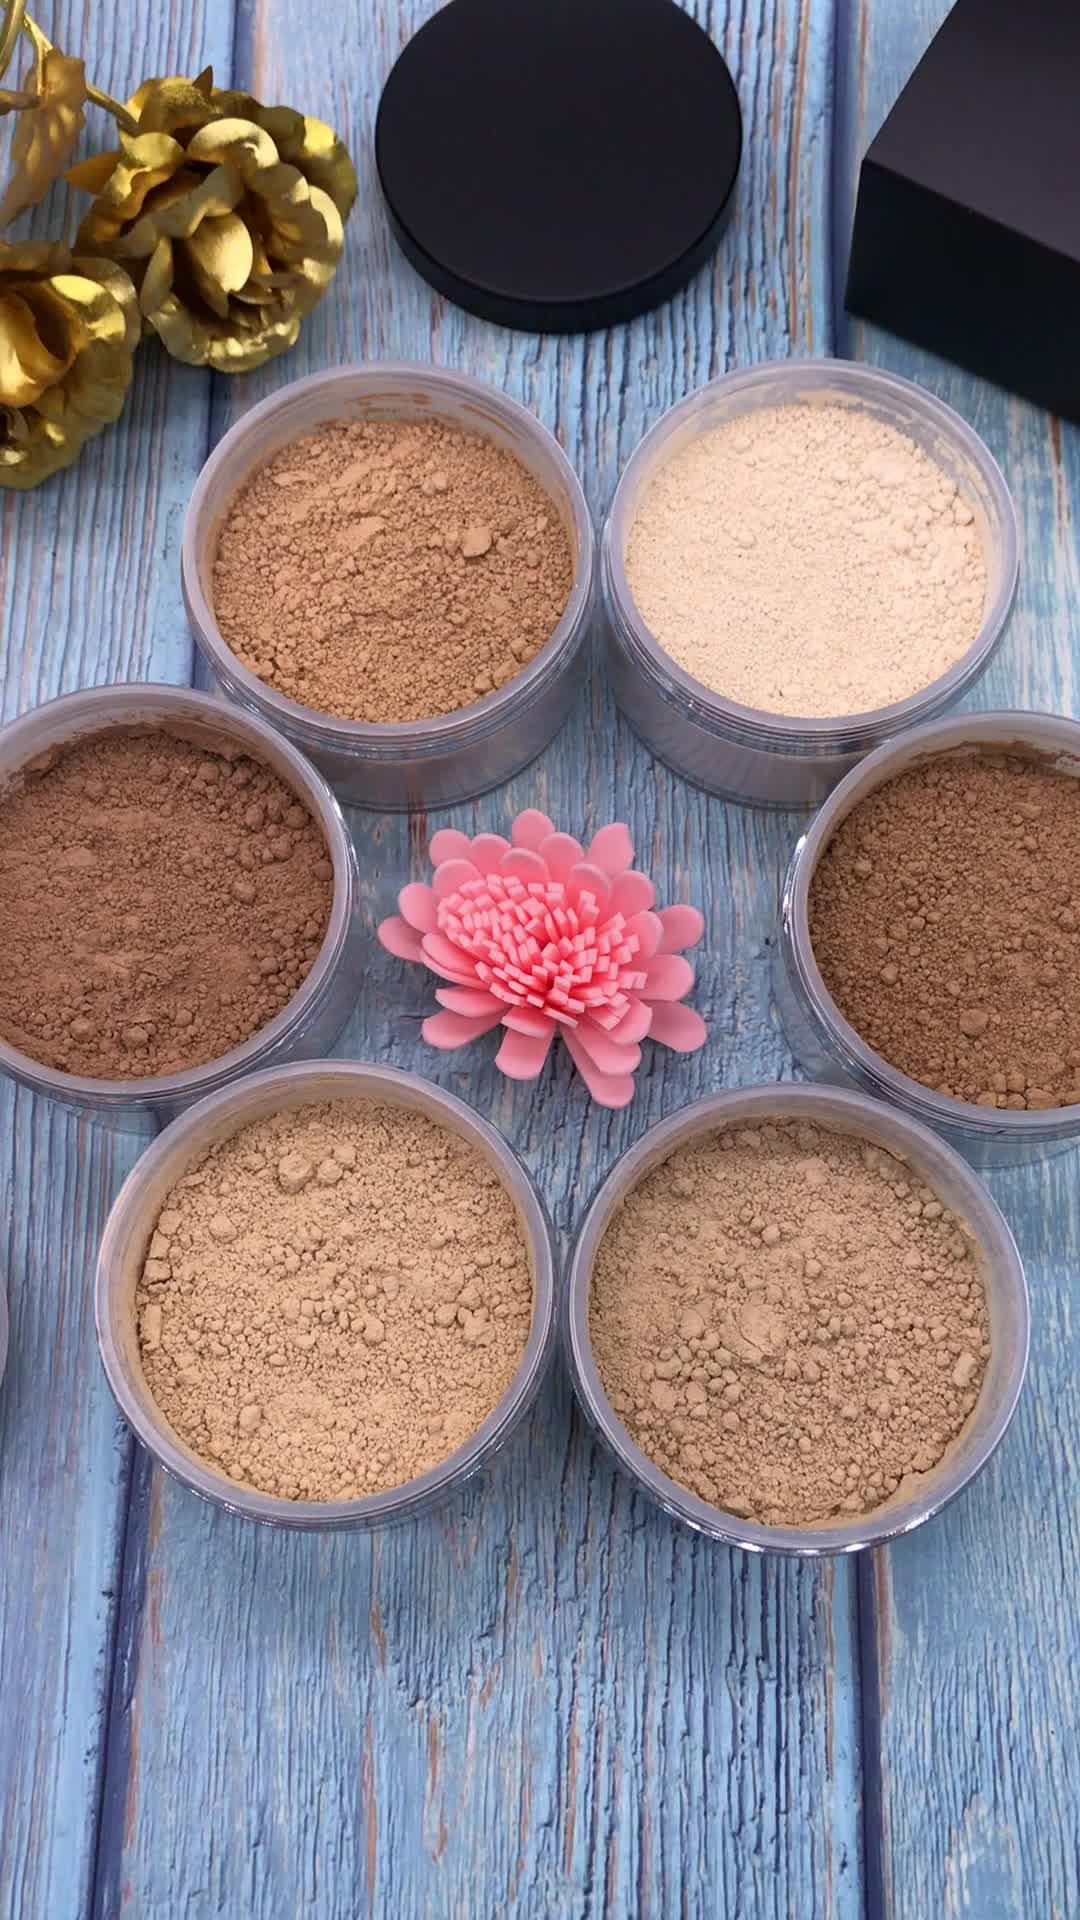 Wasserdichte Foundation Gesicht Basis Make-Up Lose Pulver Professionelle Private Label Öl Control Einstellung Mineral Pulver